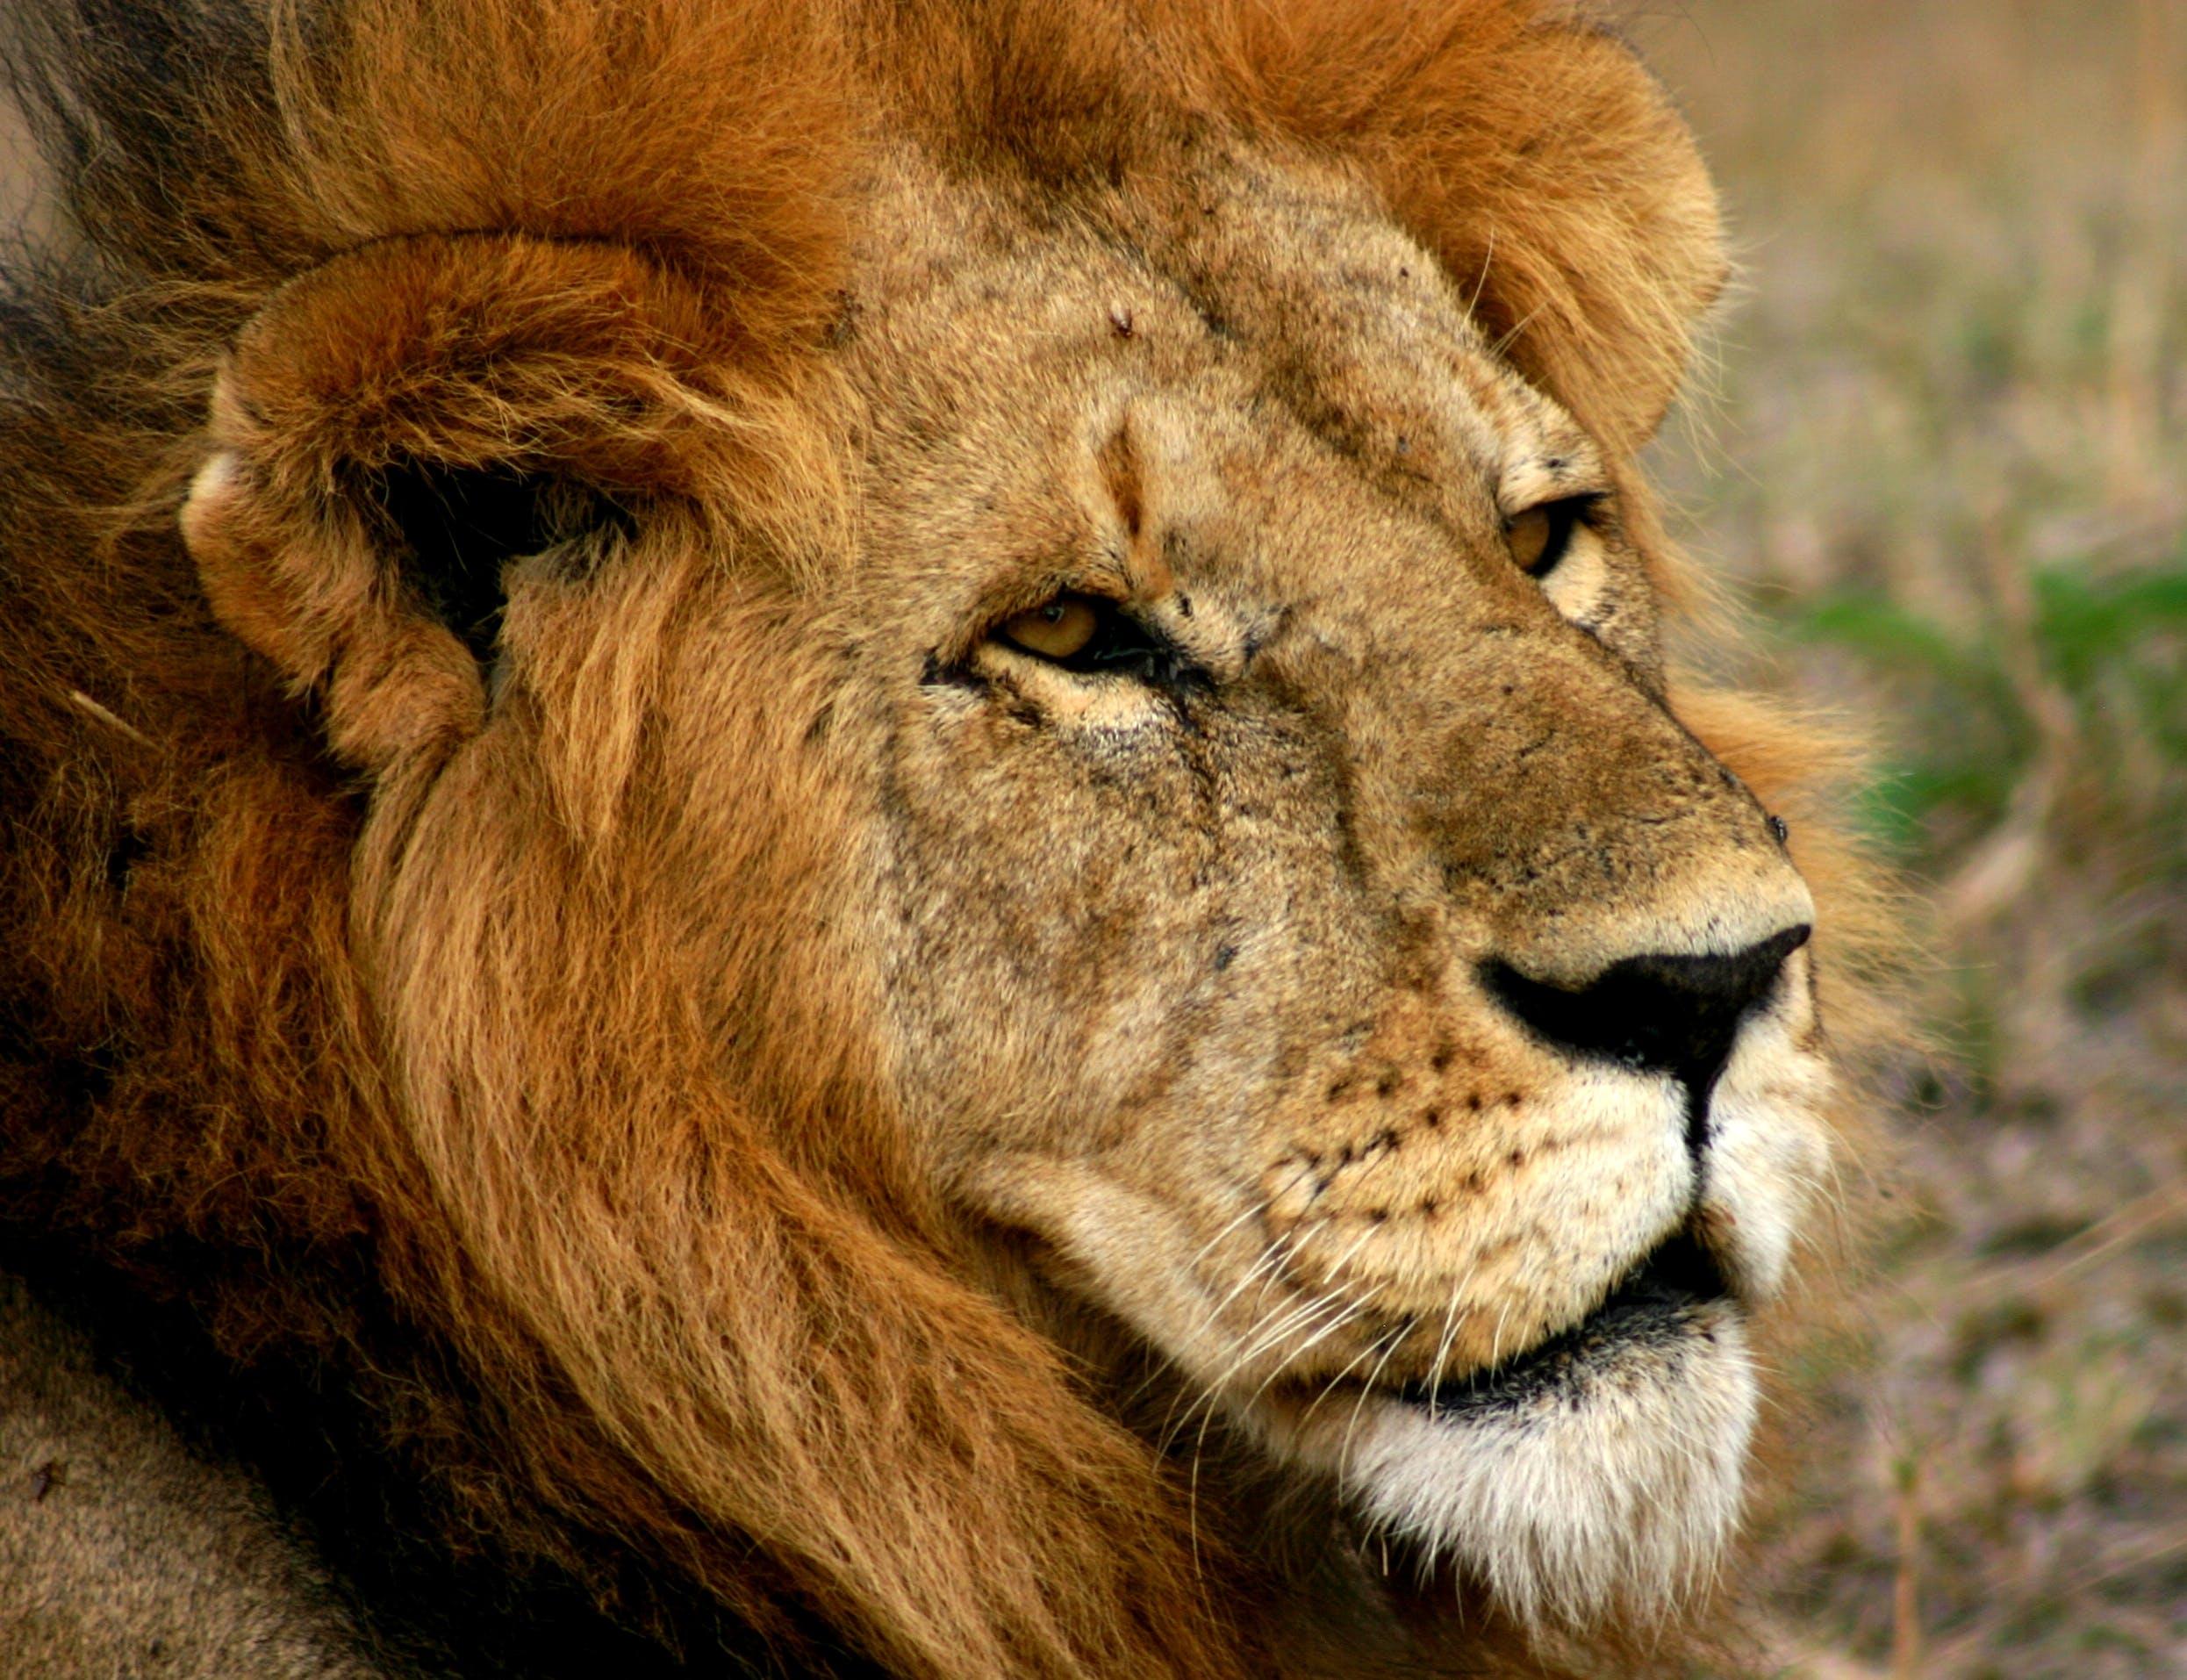 Kostenloses Stock Foto zu afrikanischer löwe, löwe porträt, löwen nahaufnahme, löwe